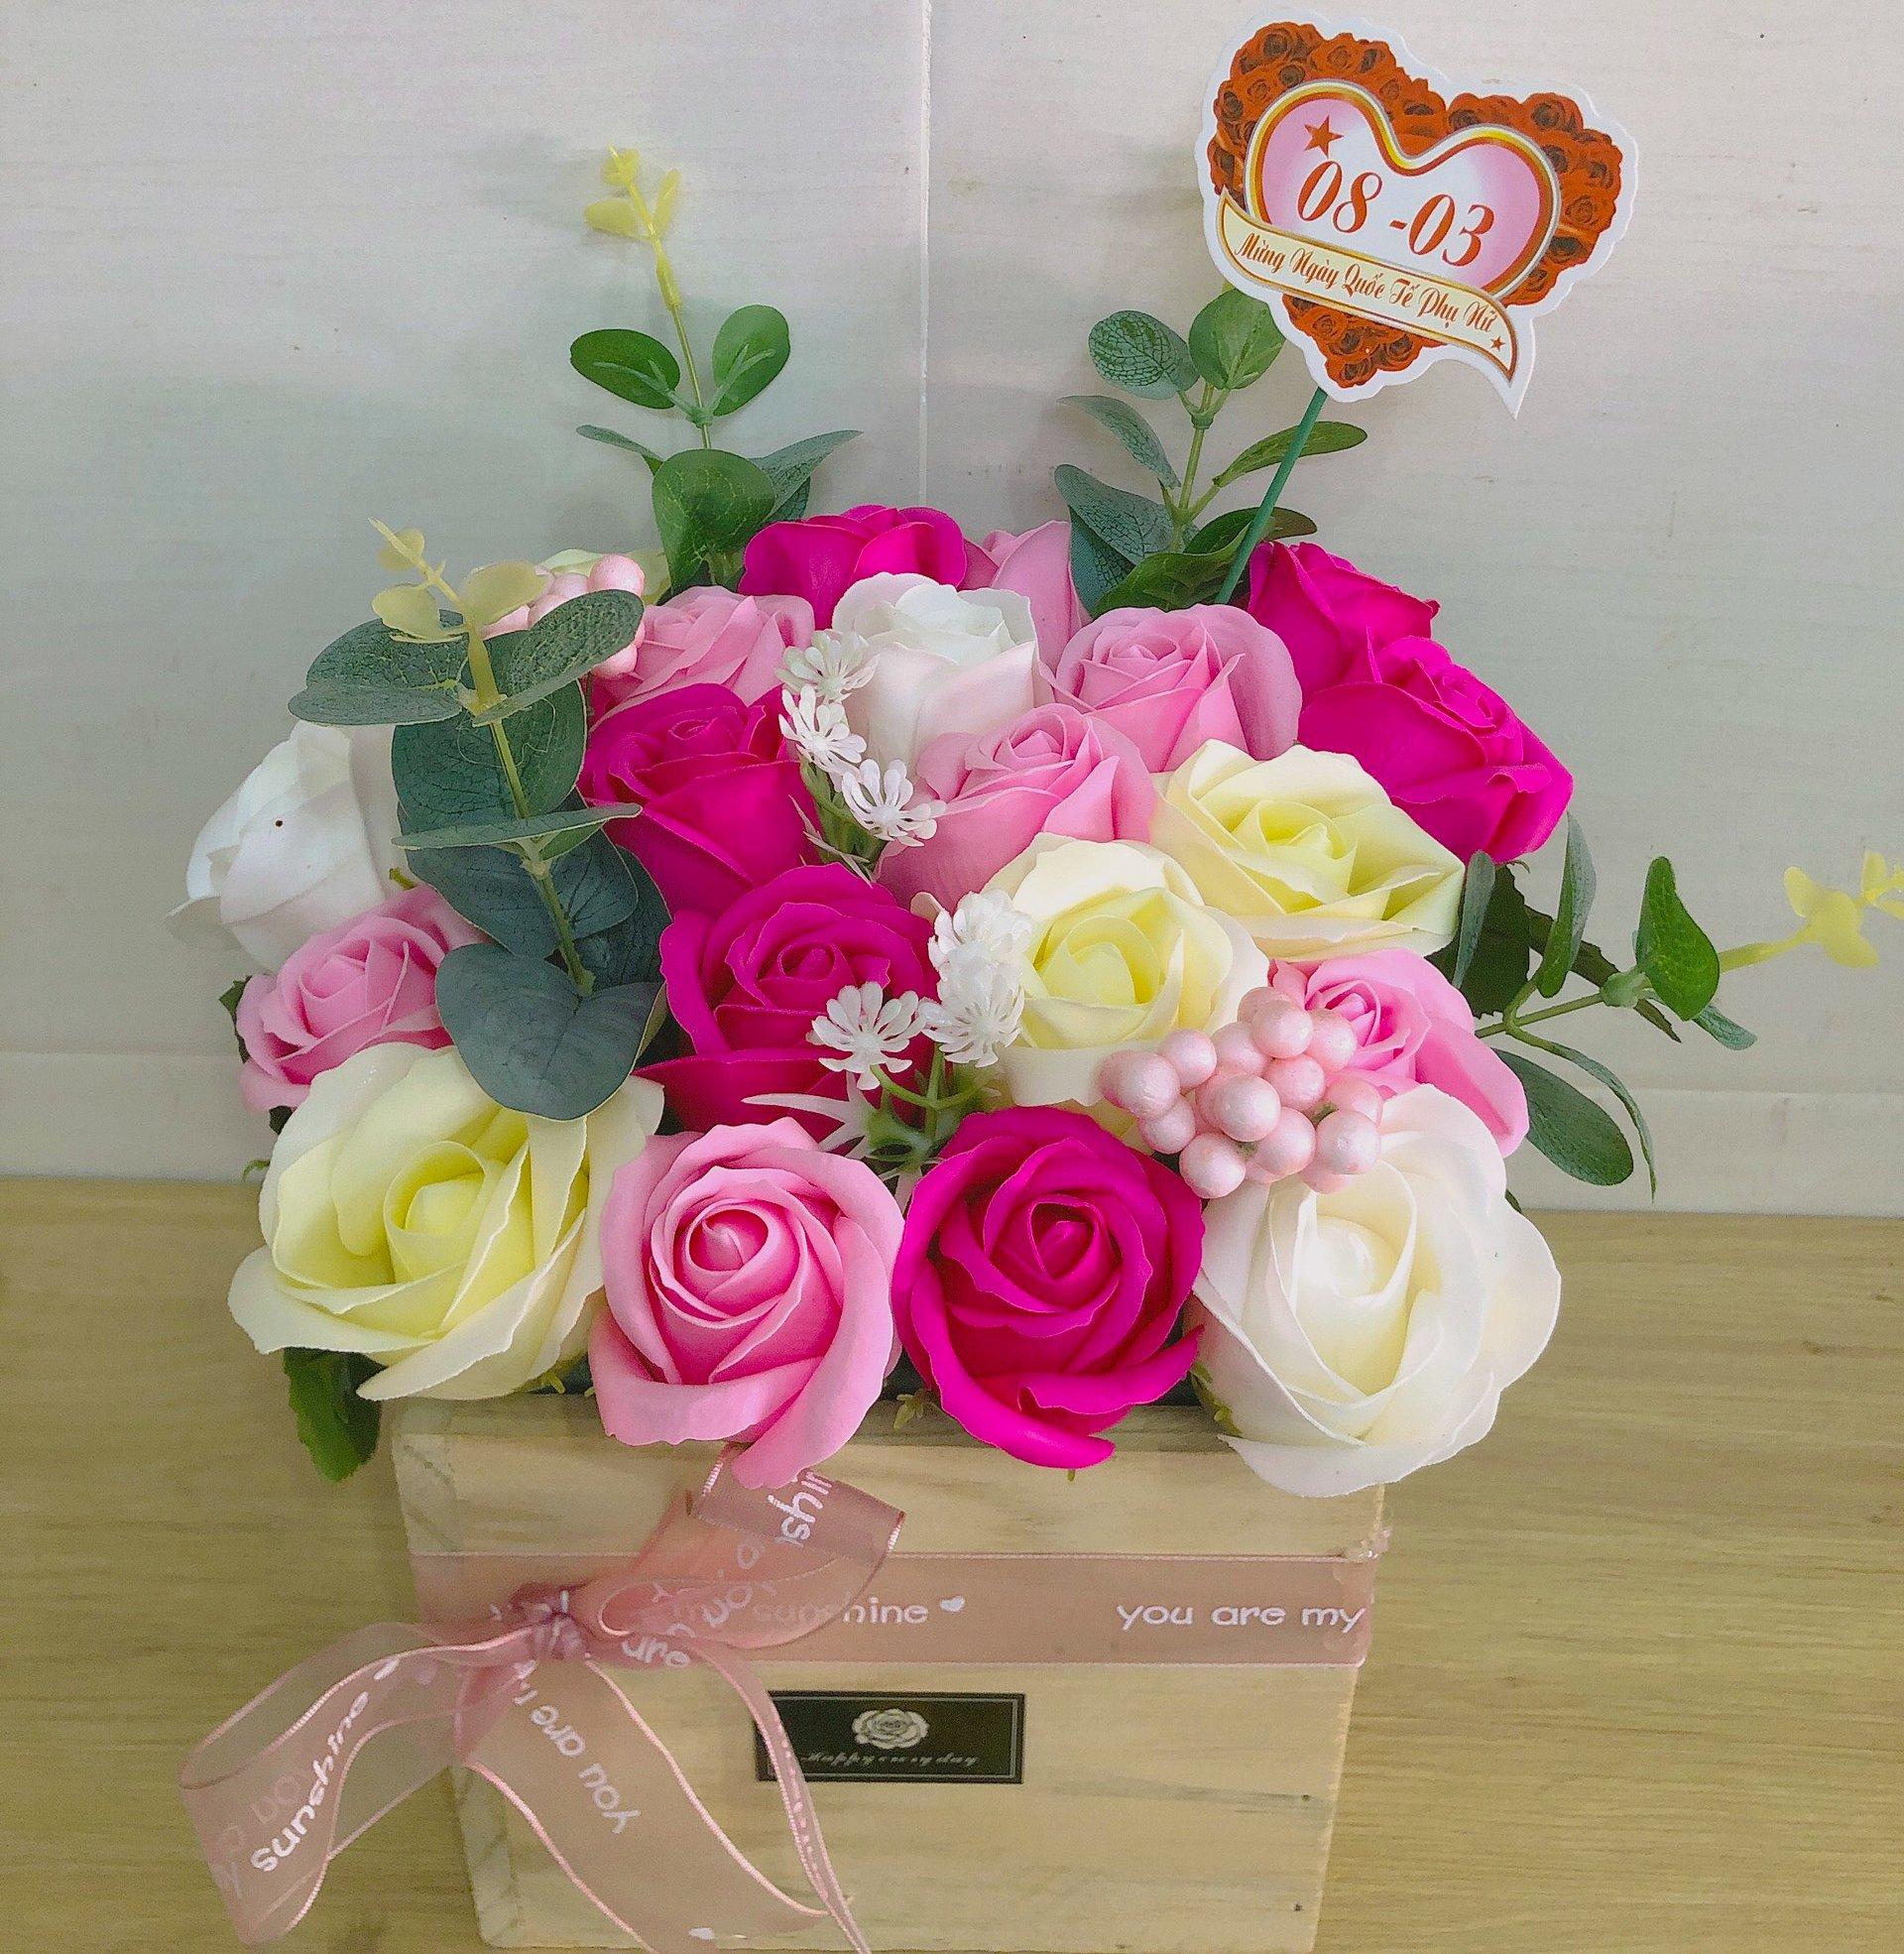 Giỏ gỗ hoa hồng sáp thơm tam sắc